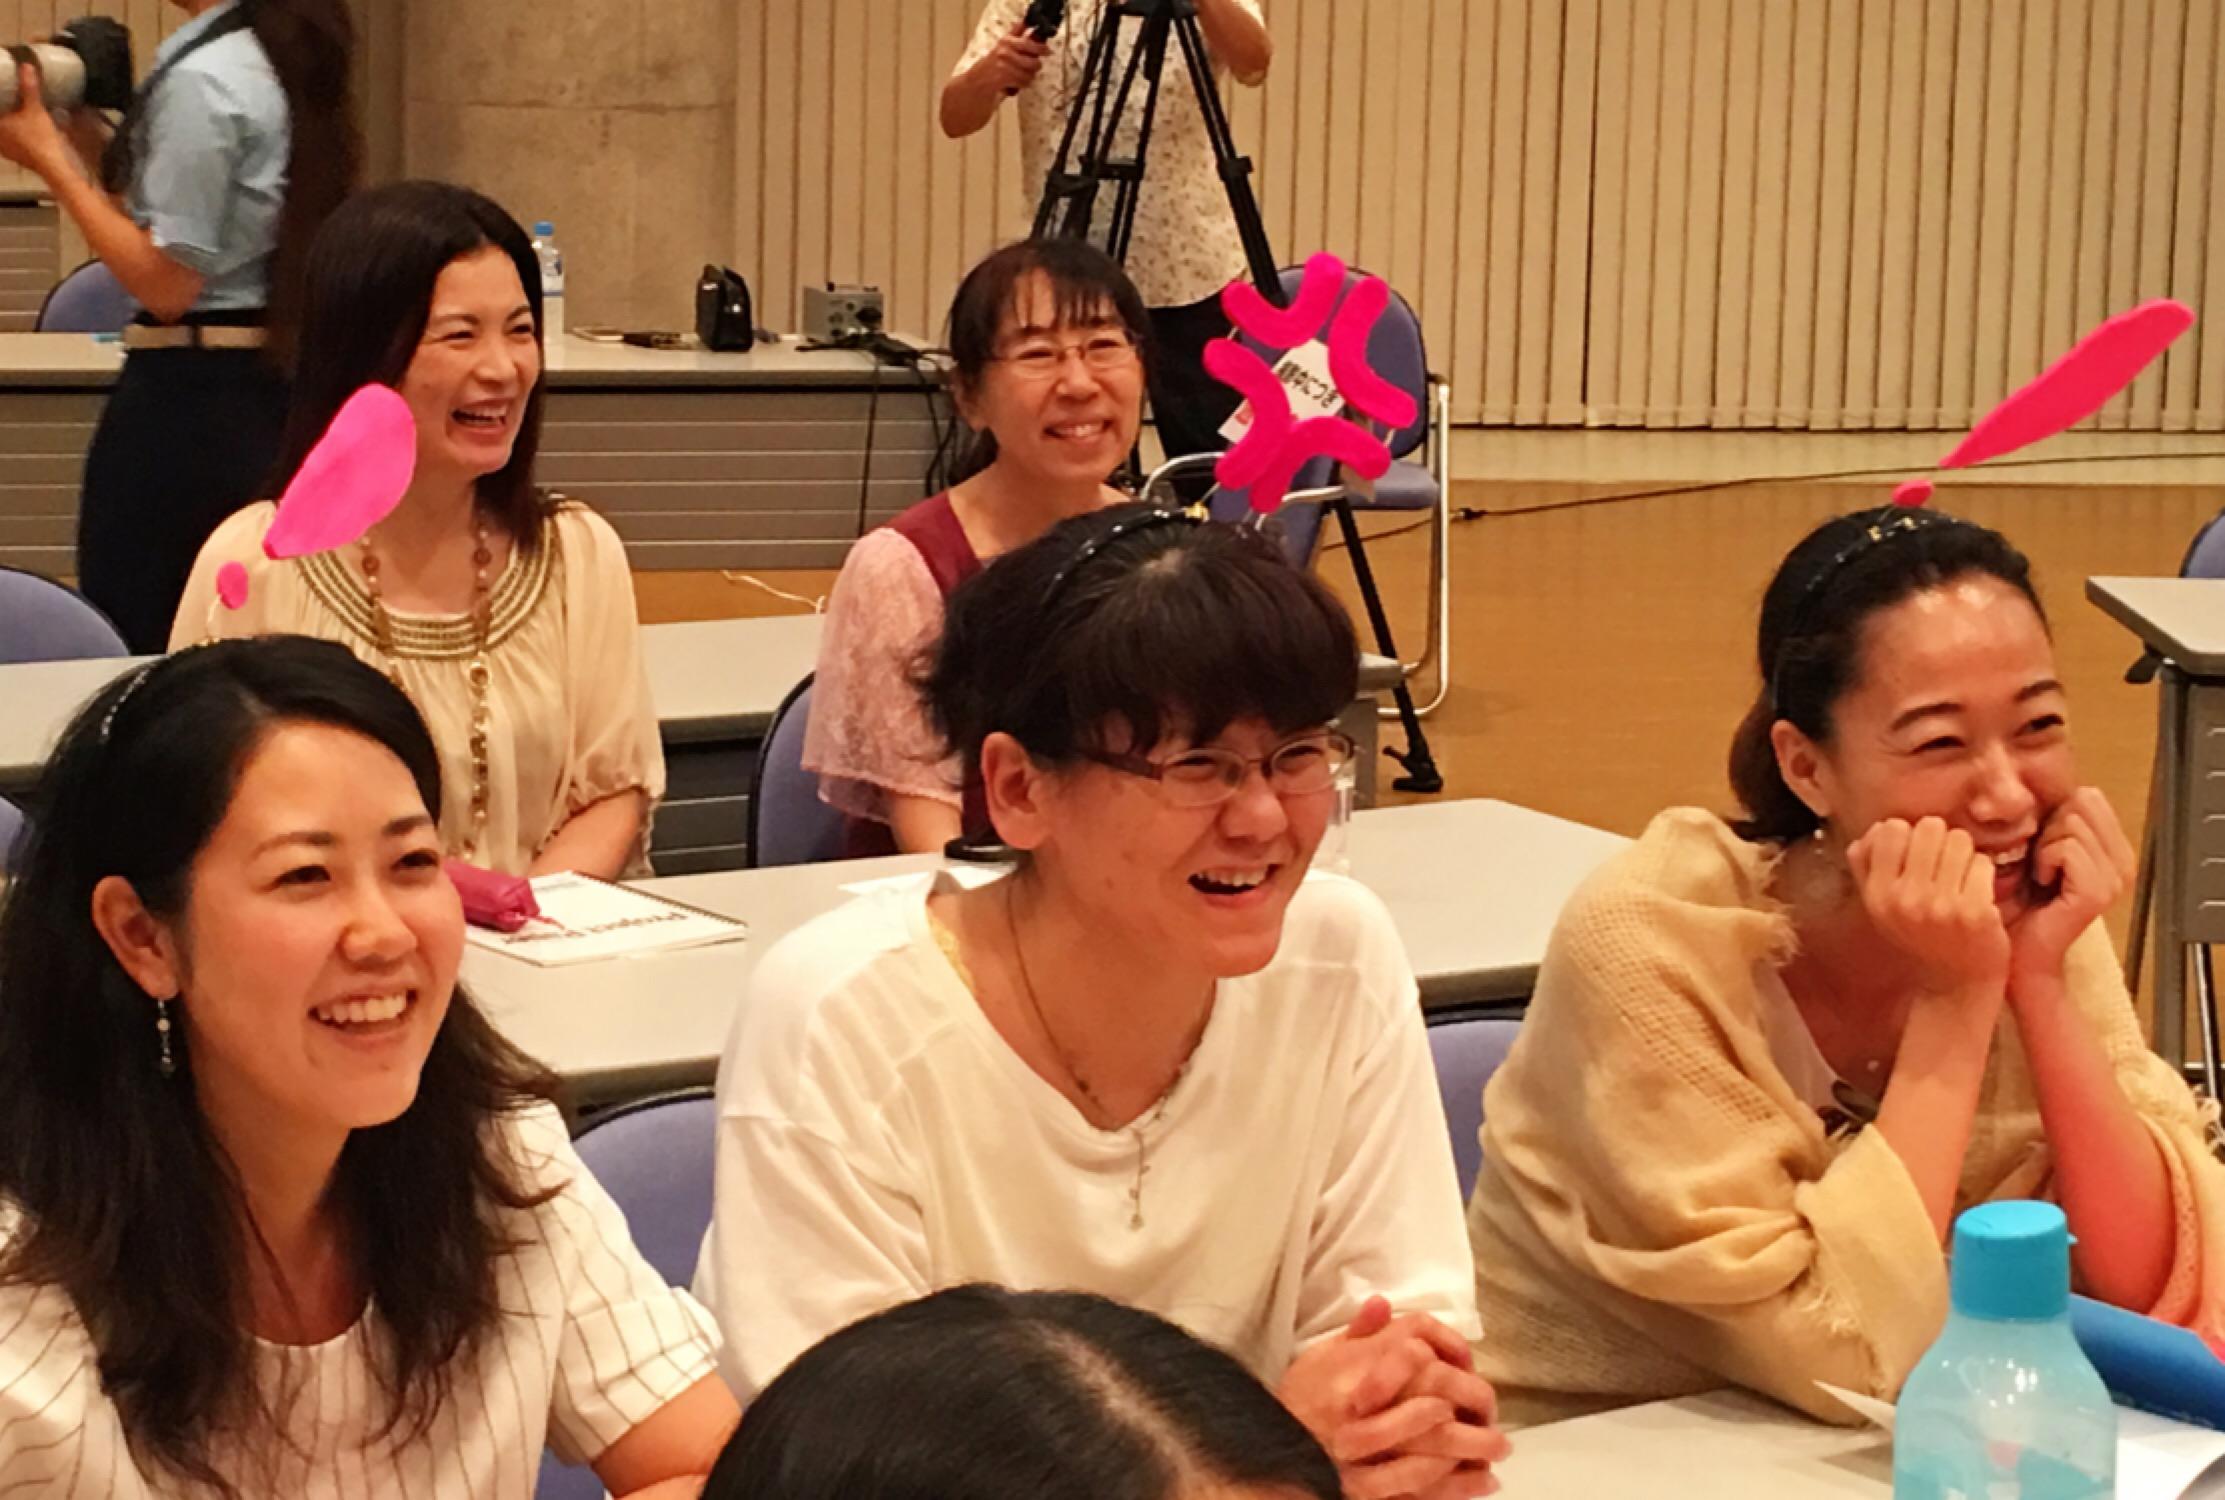 授業スタートしたら、、、。 沖縄の生徒よー、、ふざけてる